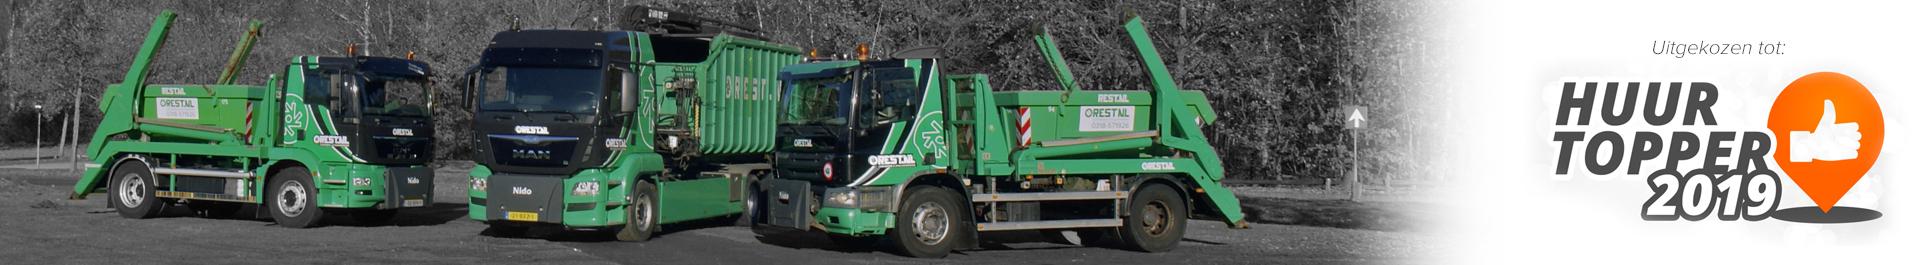 Container huren bij REST.nl